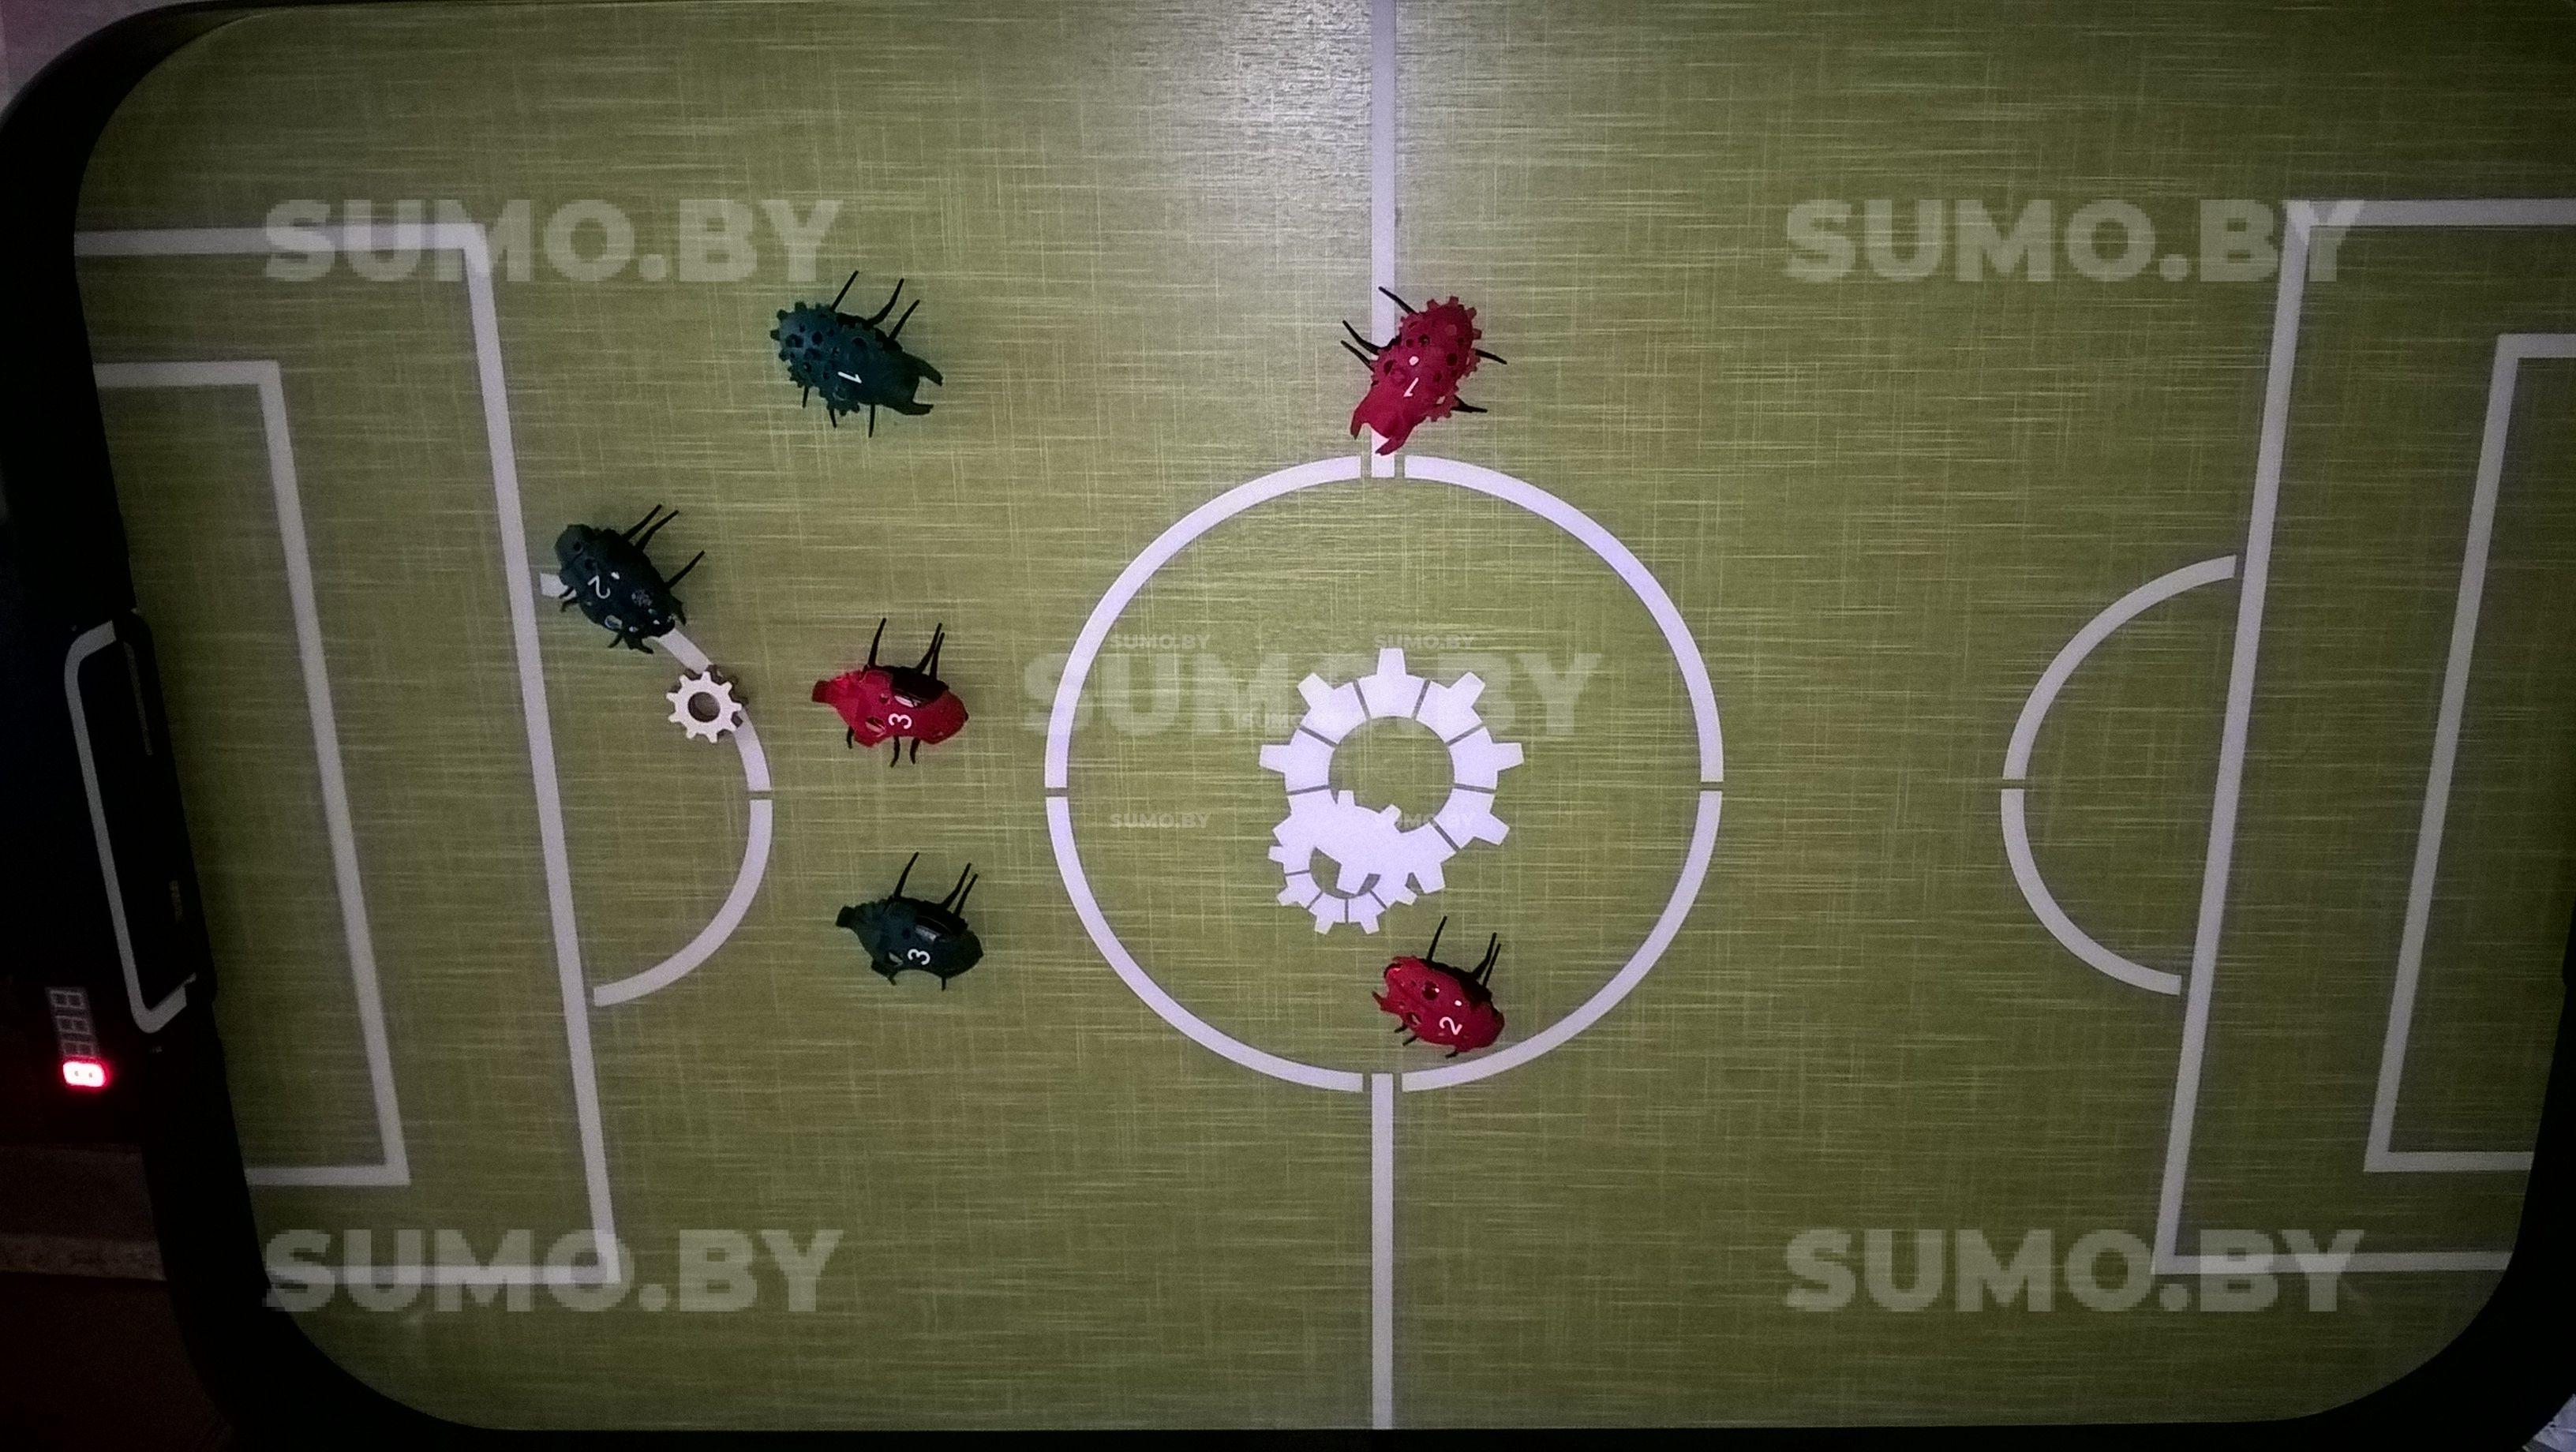 Robo-Football-03